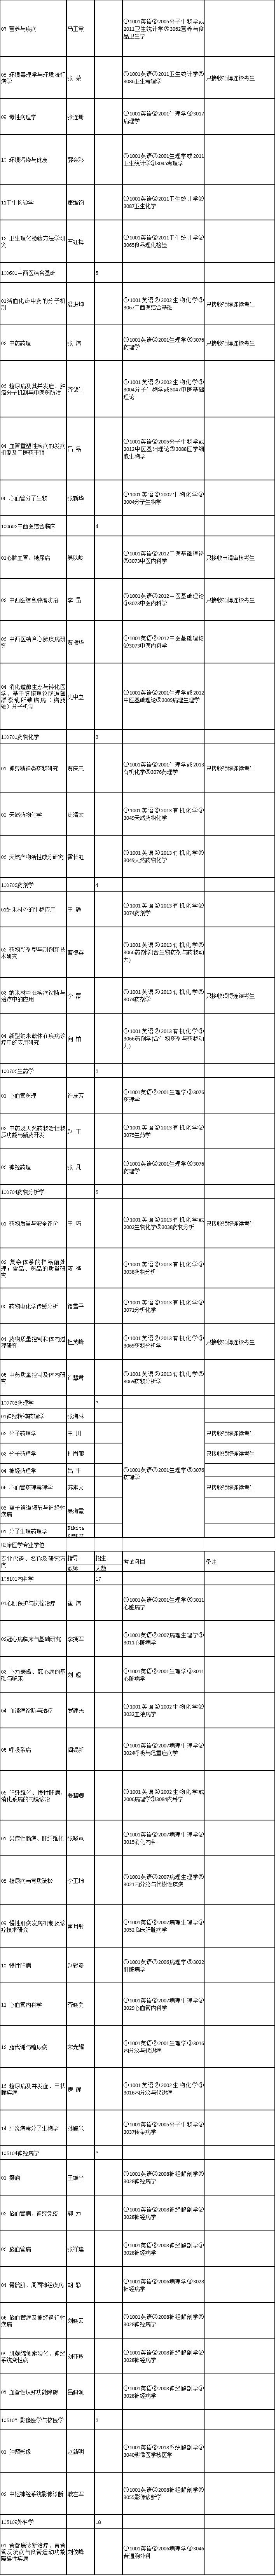 河北医科大学2020年博士研究生招生专业目录